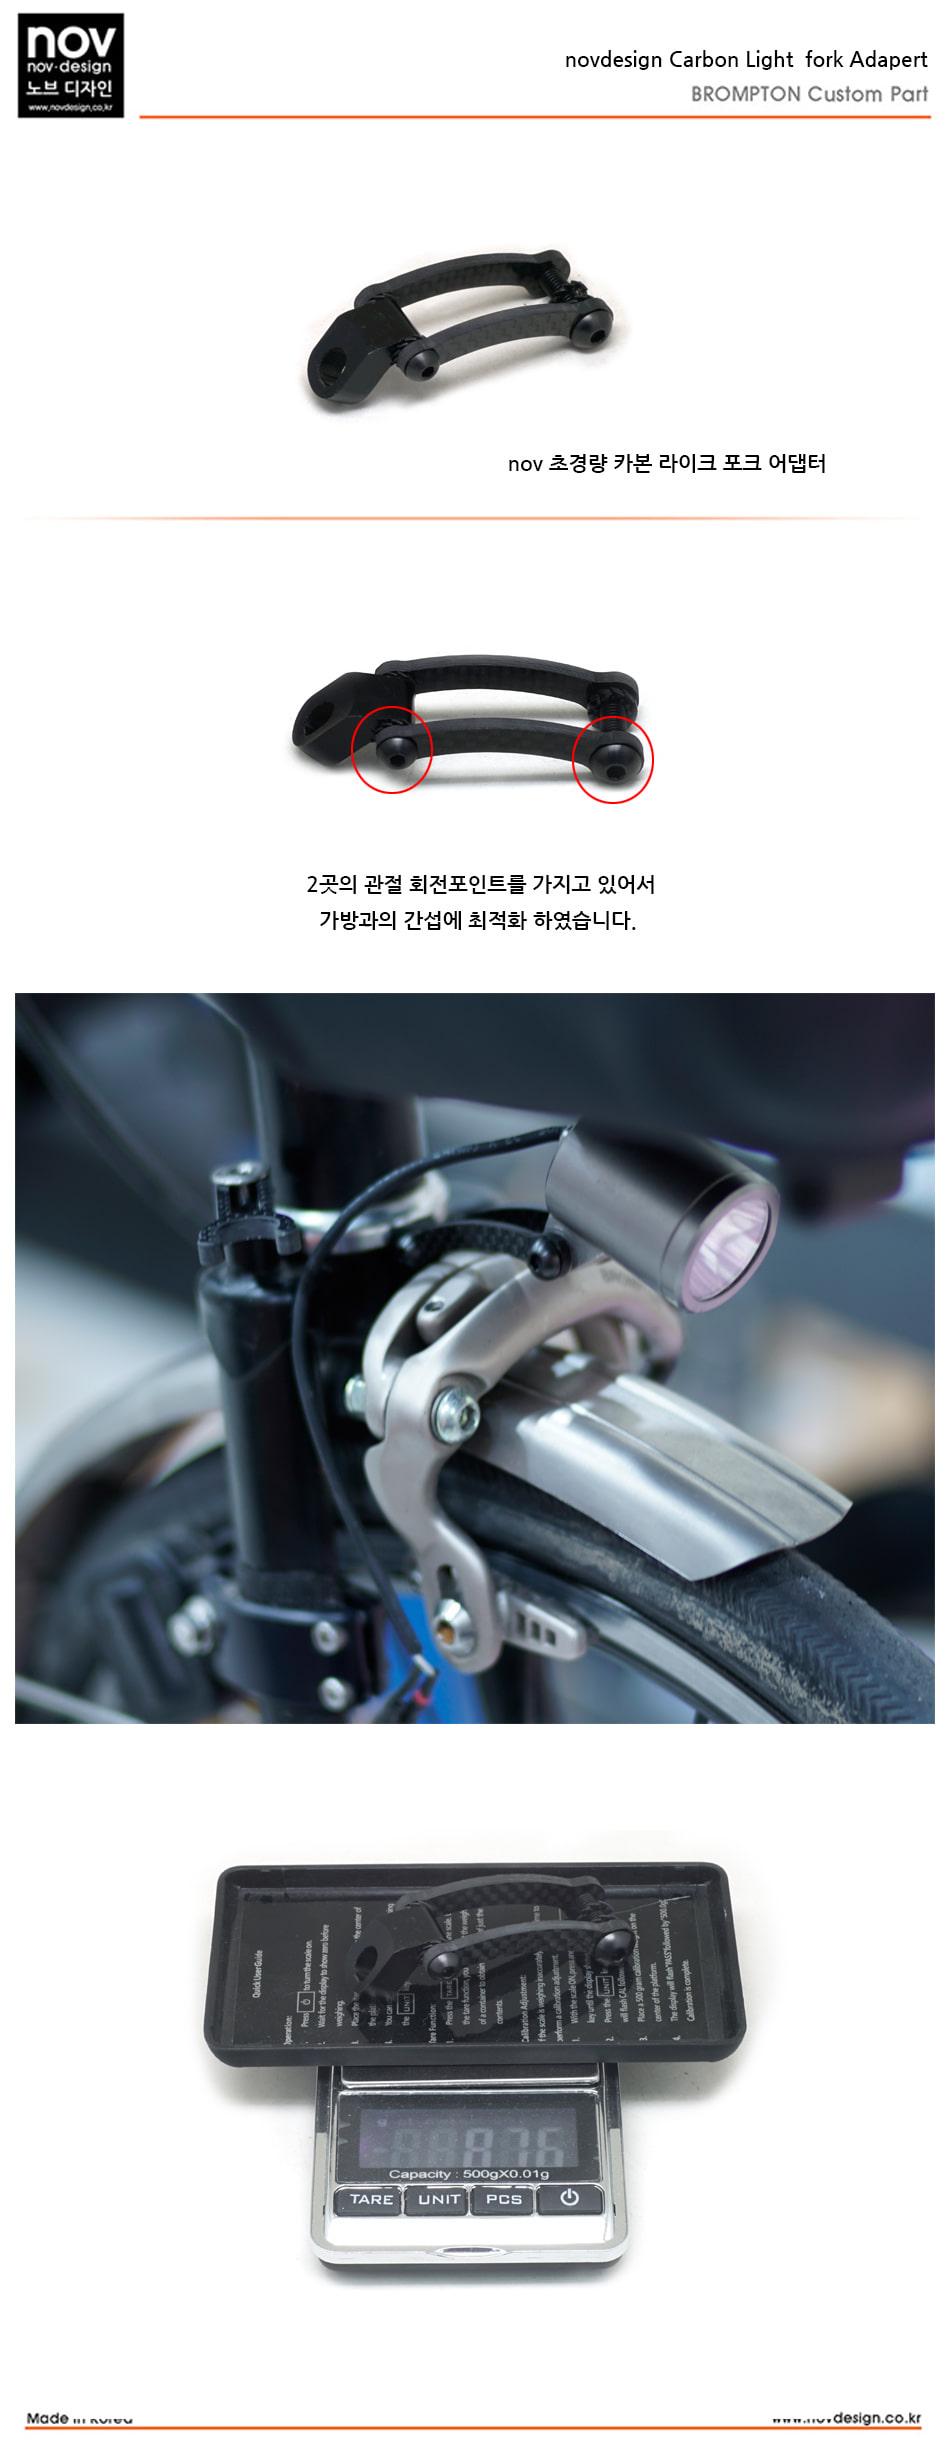 Ultra Light Weight nov219 Nov Carbon Fork-shape Light Adapter